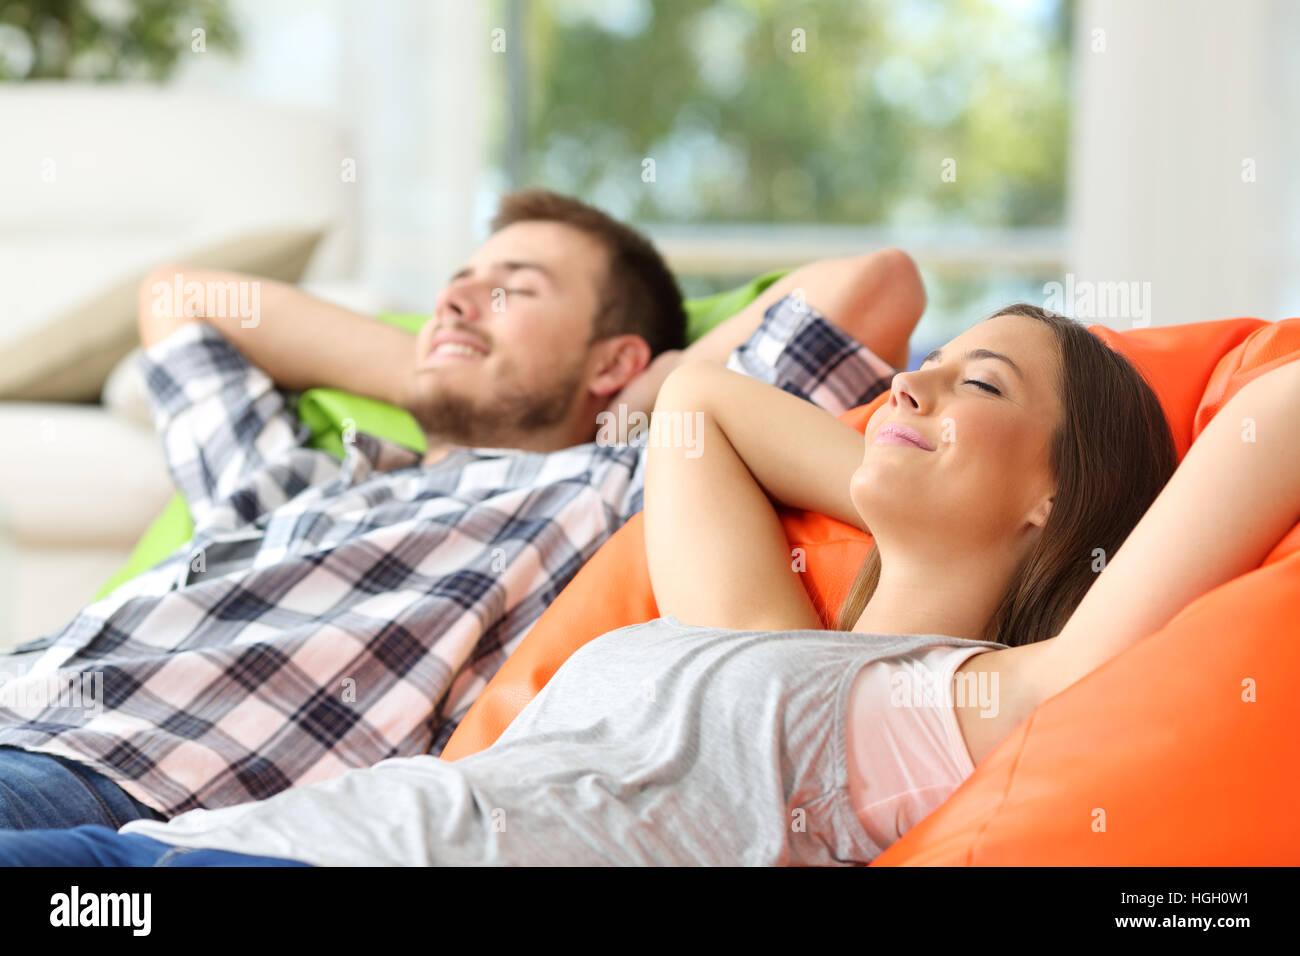 Coppia o coinquilini rilassarsi sdraiati su comodi pouf nel salotto di casa Immagini Stock